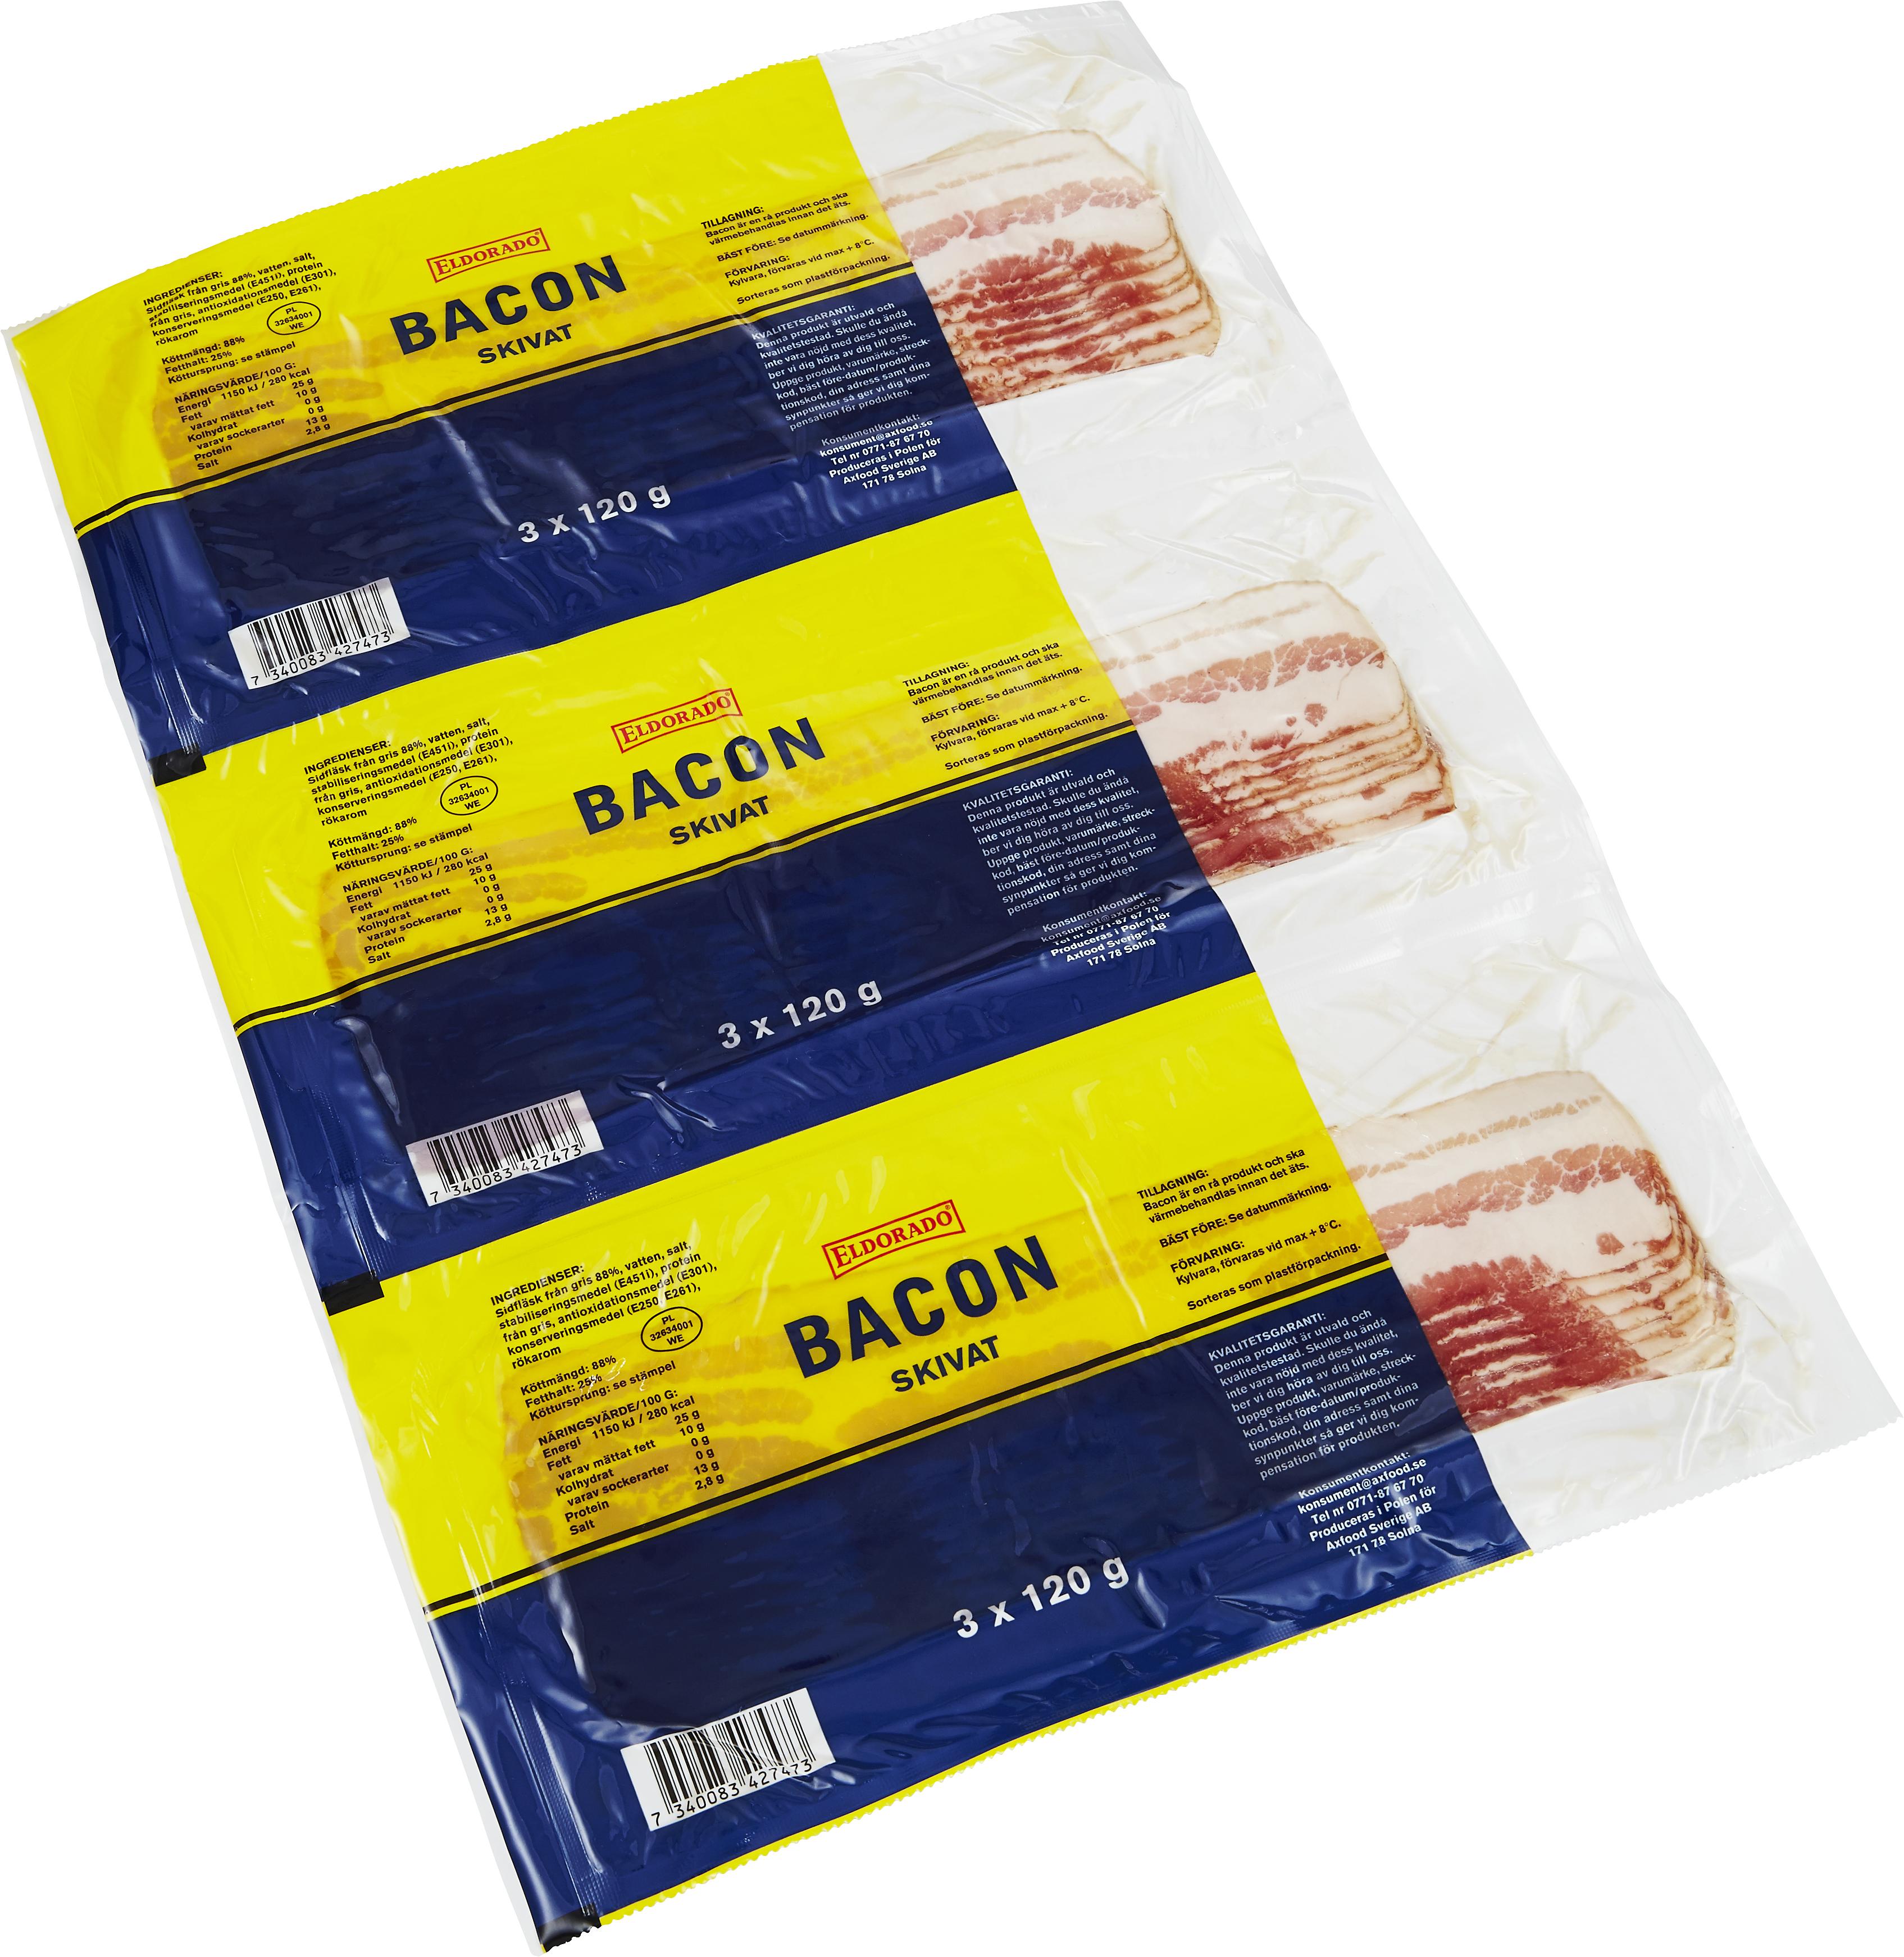 Eldorado Bacon 3-pack360g